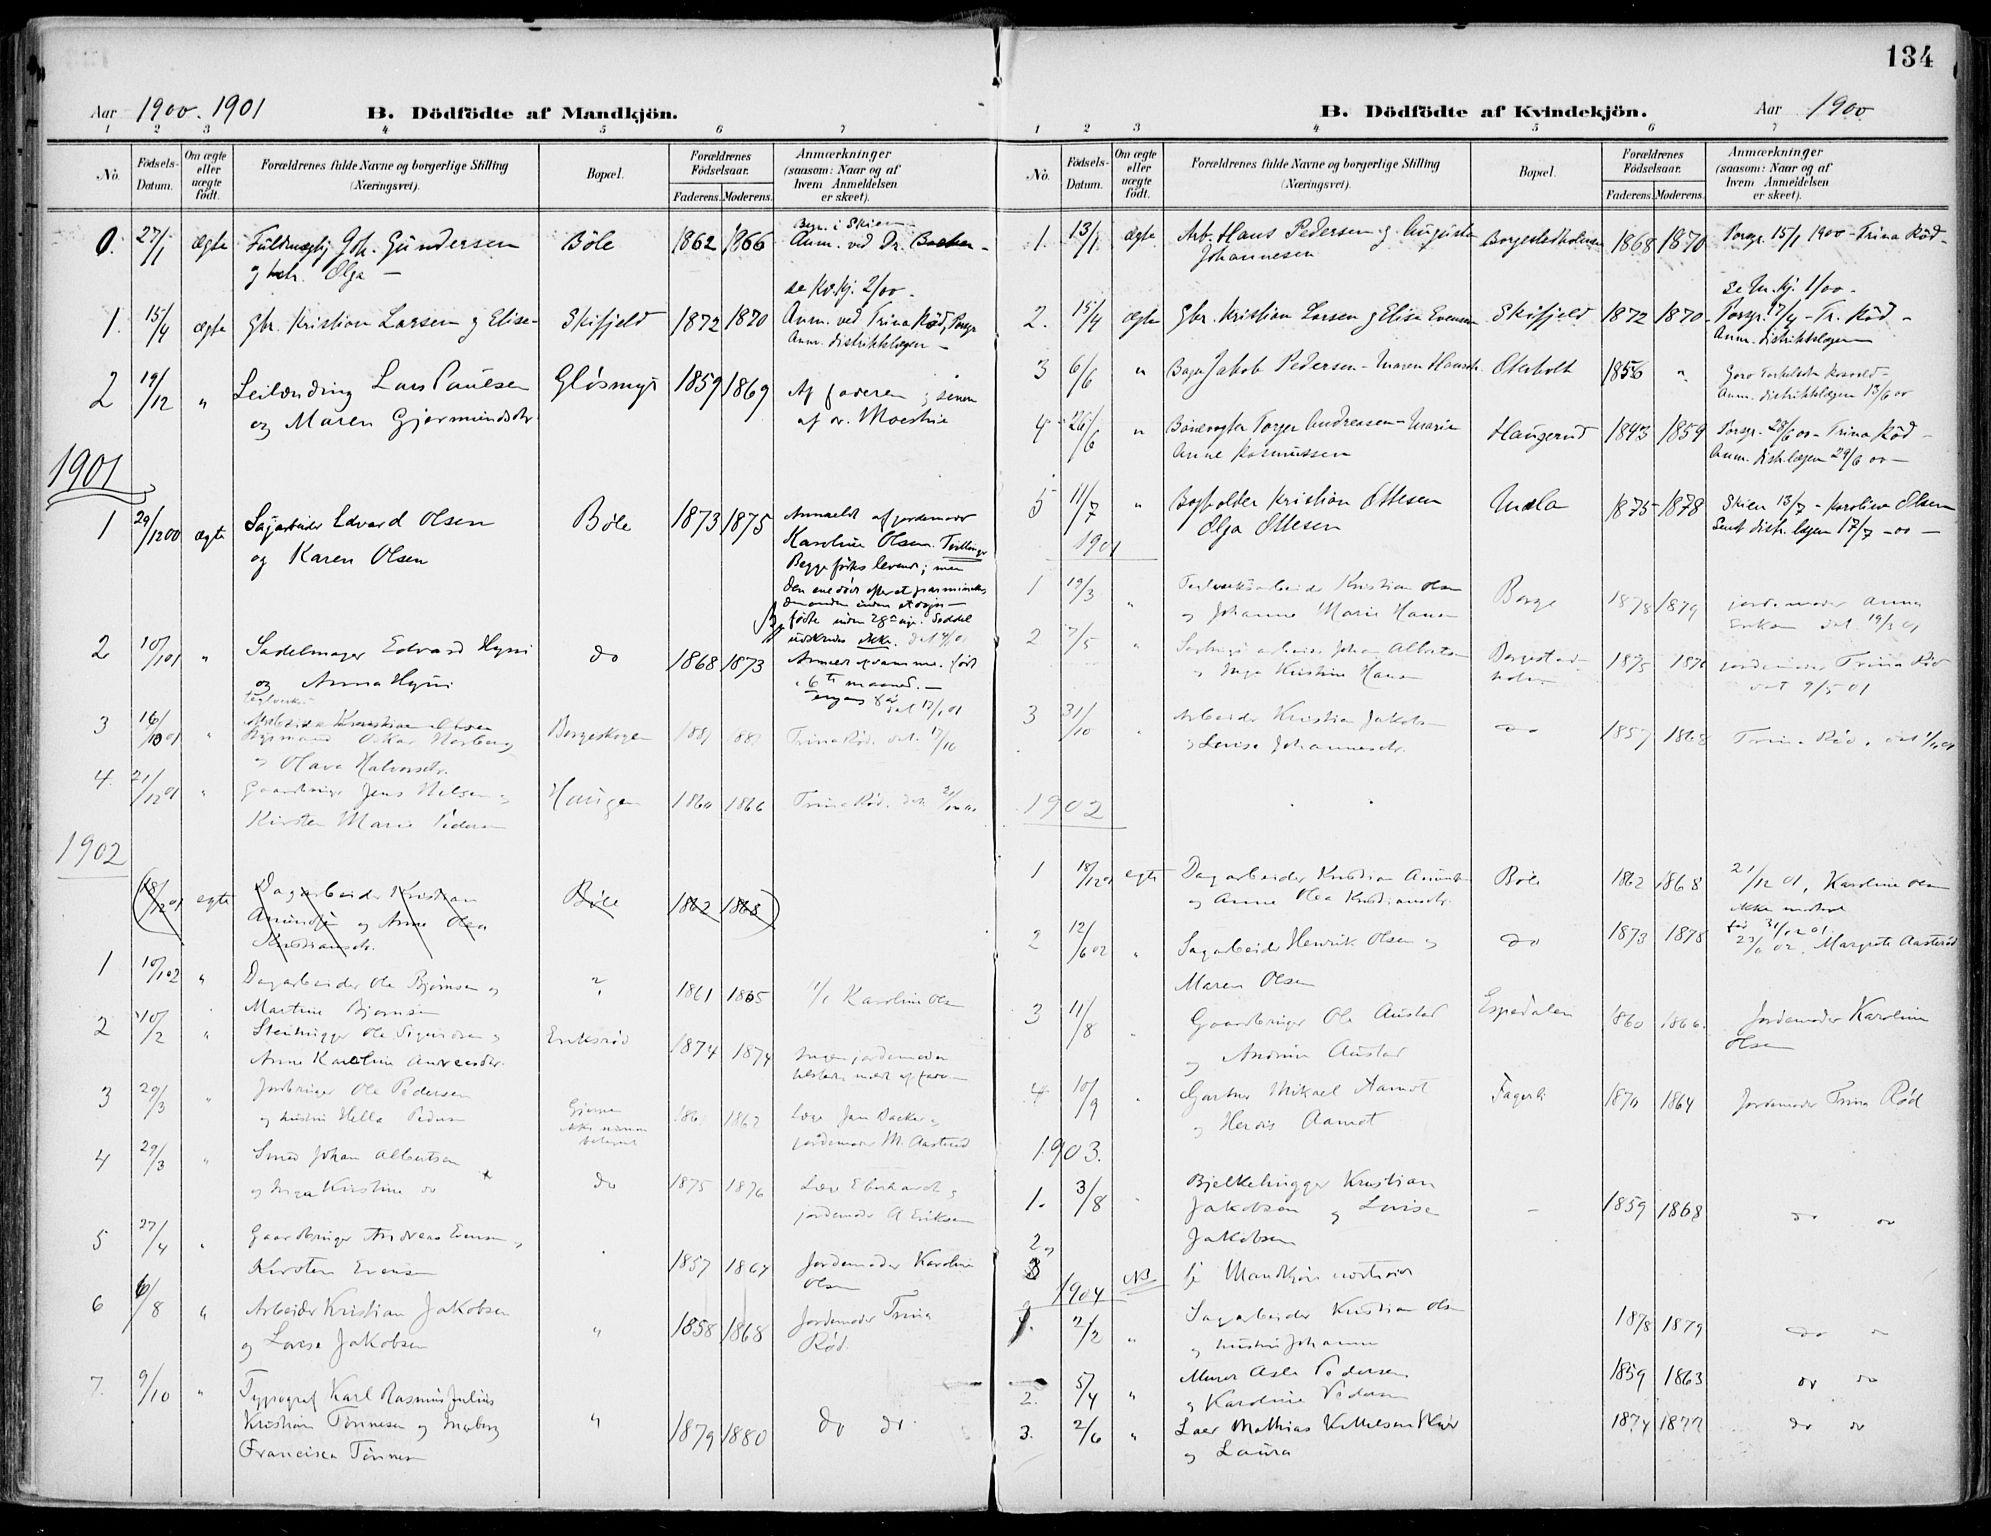 SAKO, Gjerpen kirkebøker, F/Fa/L0011: Ministerialbok nr. 11, 1896-1904, s. 134